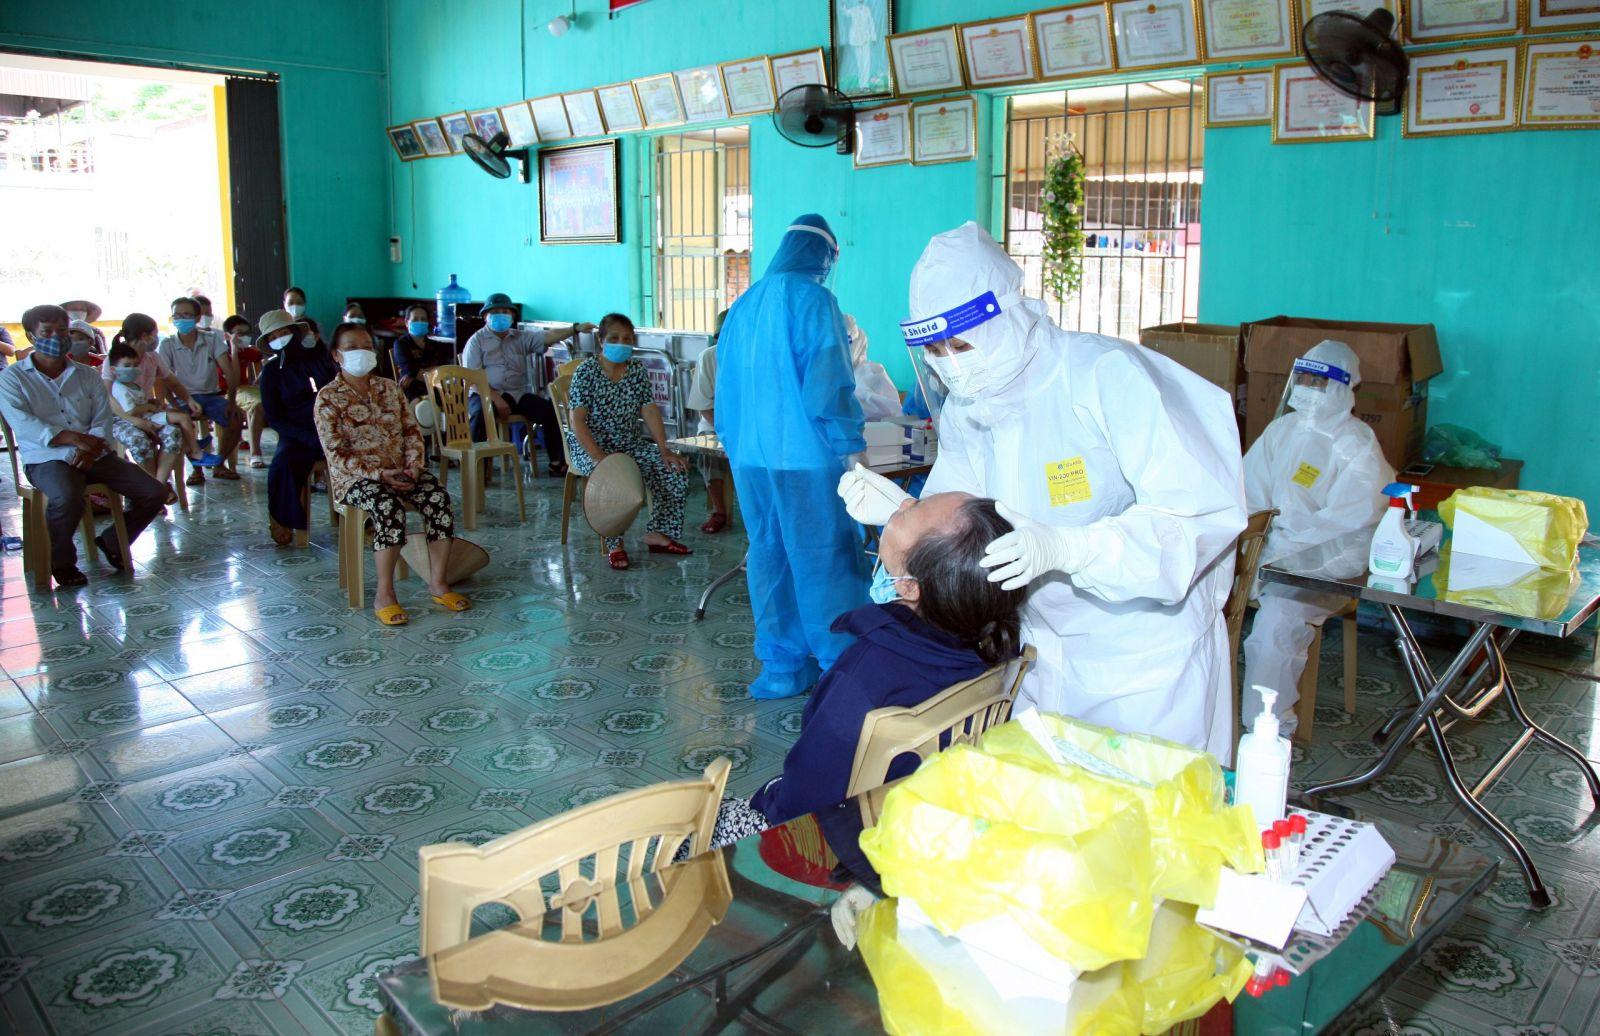 Ngành y tế phối hợp với địa phương nỗ lự lấy khoảng mẫu khoảng 100.000 người đạt khoảng hơn 60% trên cả 18 xã của huyện Vĩnh Bảo